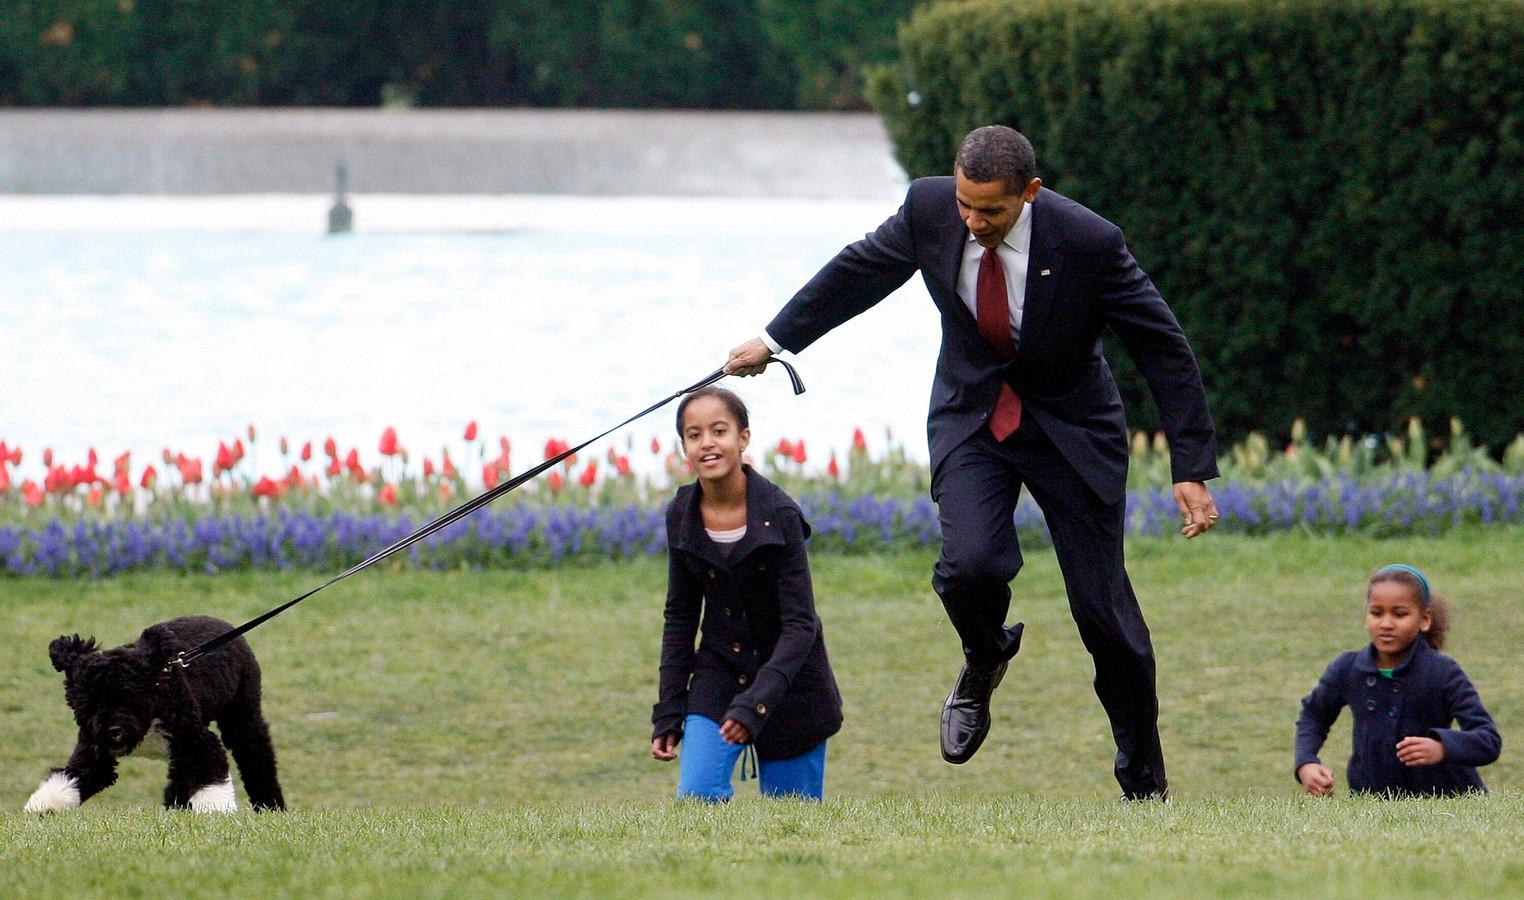 President Barack Obama wordt bijna omver getrokken door de zes maanden oude Bo tijdens het voorstellen van het nieuwe gezinslid met zijn dochters Malia en Natasha aan de media, in april 2009.